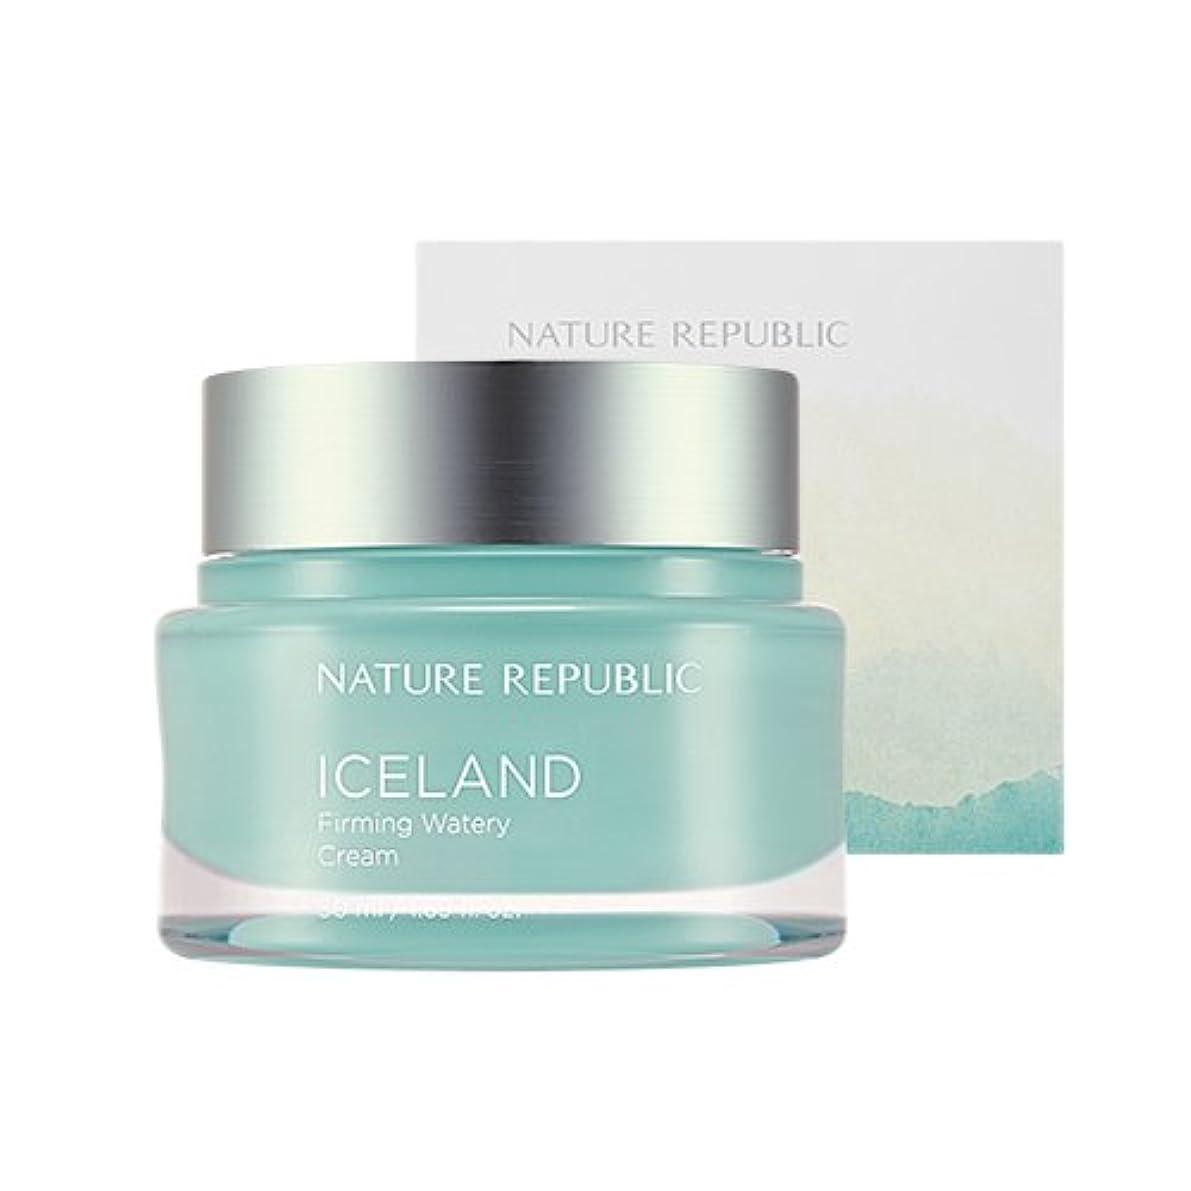 不適切な櫛助けてNature Republic Iceland Firming Watery Cream 50ml / ネイチャーリパブリック アイスファーミング水分クリーム 50ml [並行輸入品]